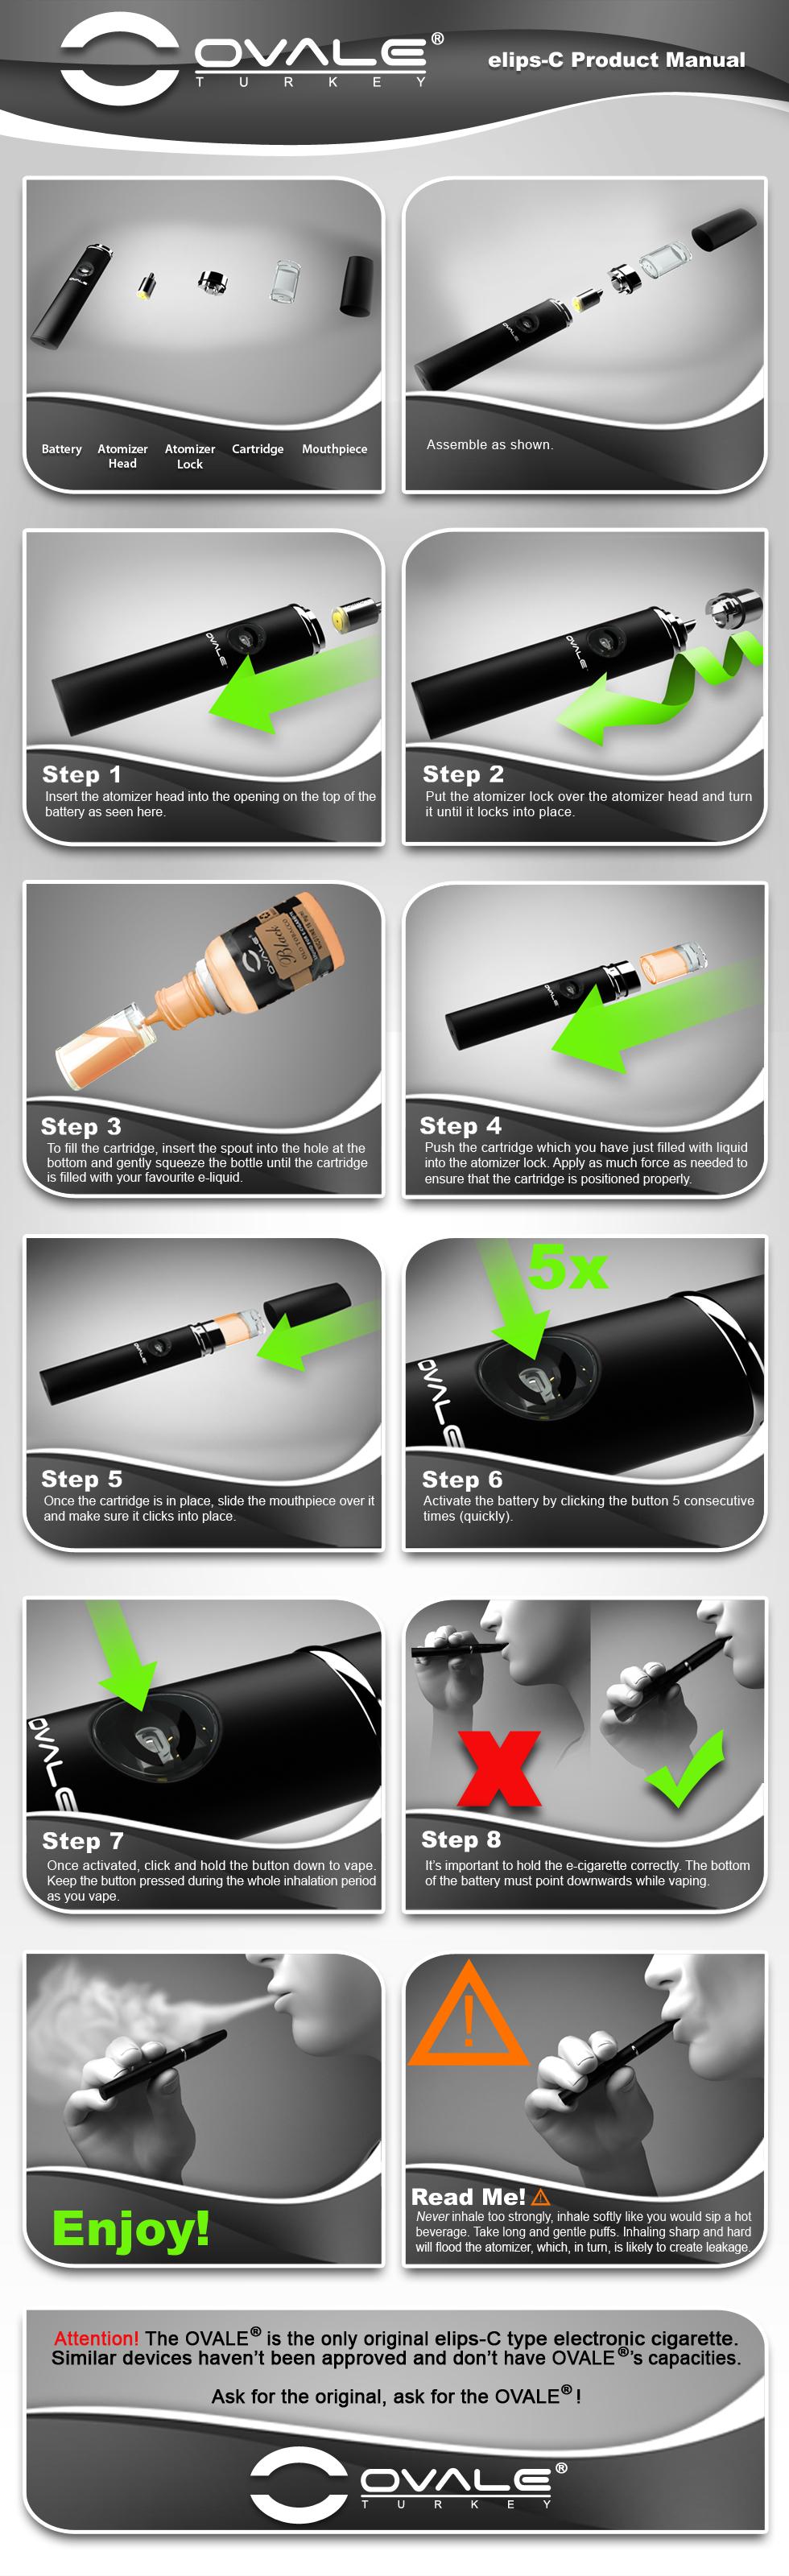 electronic cigarette, ecig, e, cig, quit smoking, electronic cigarette liquid, ovale, elips, elips c